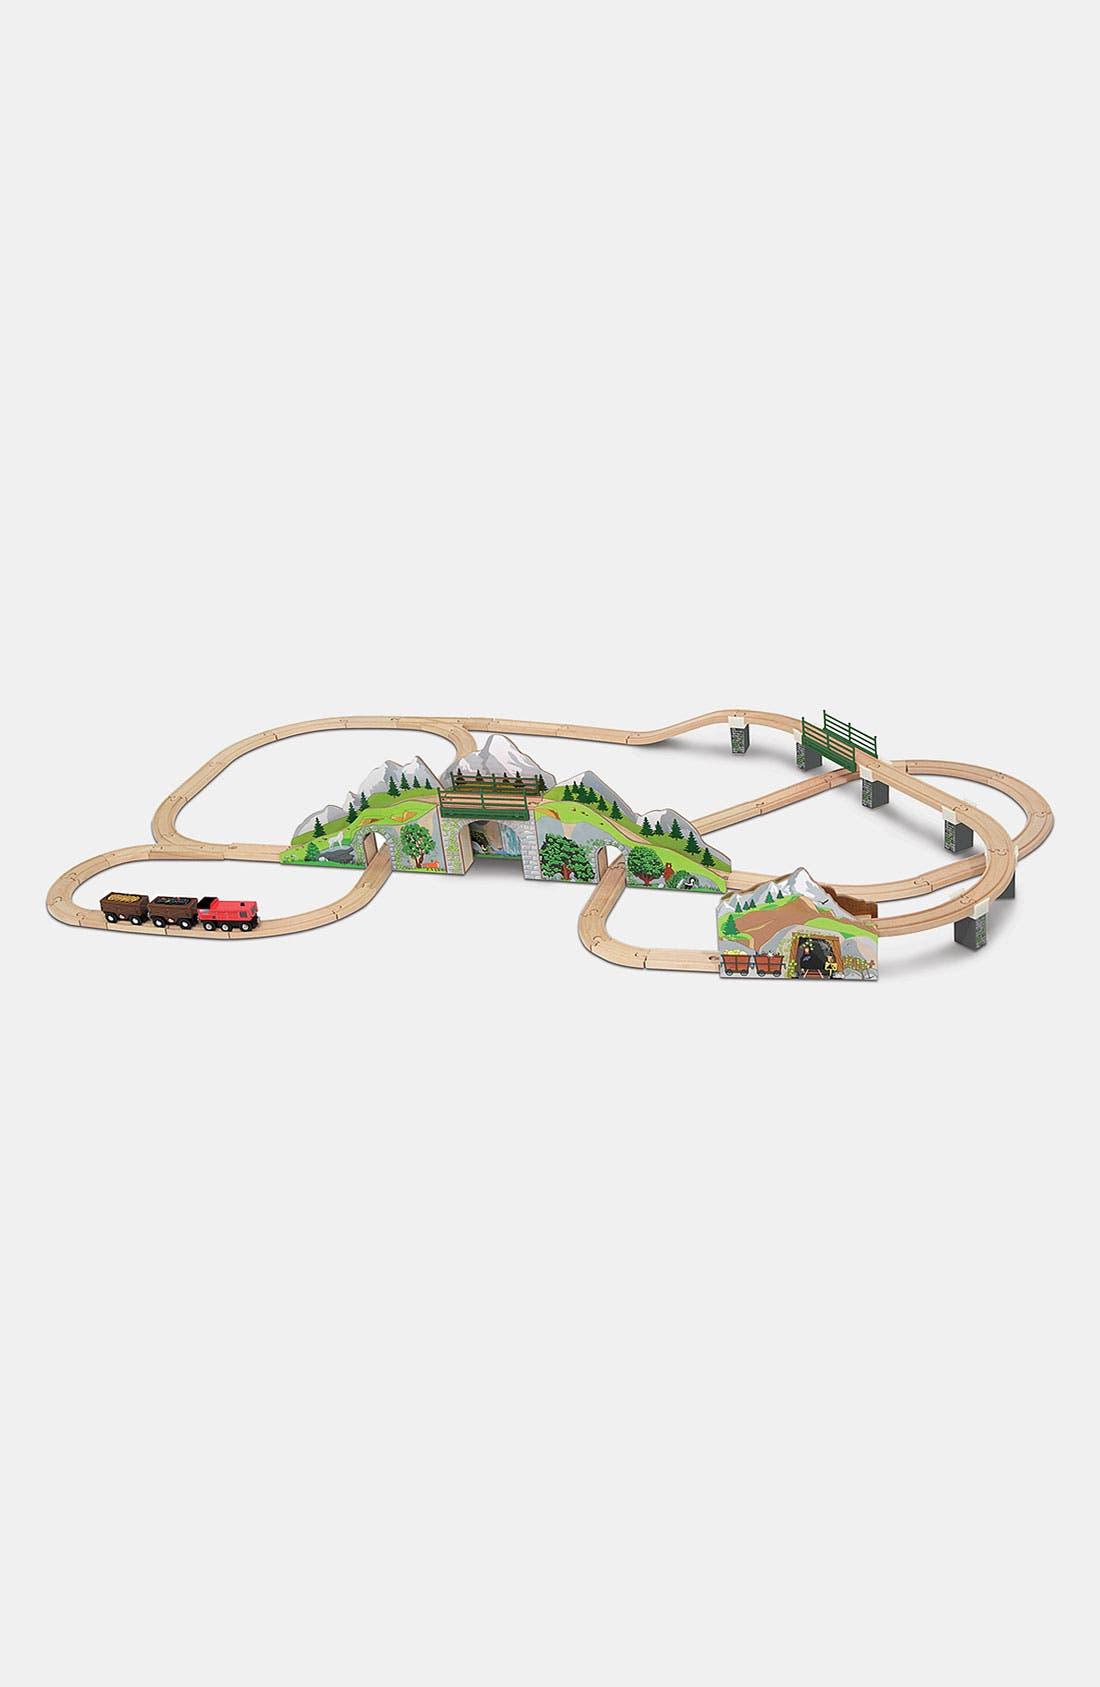 Melissa & Doug 'Mountain Tunnel' Wooden Train Toy